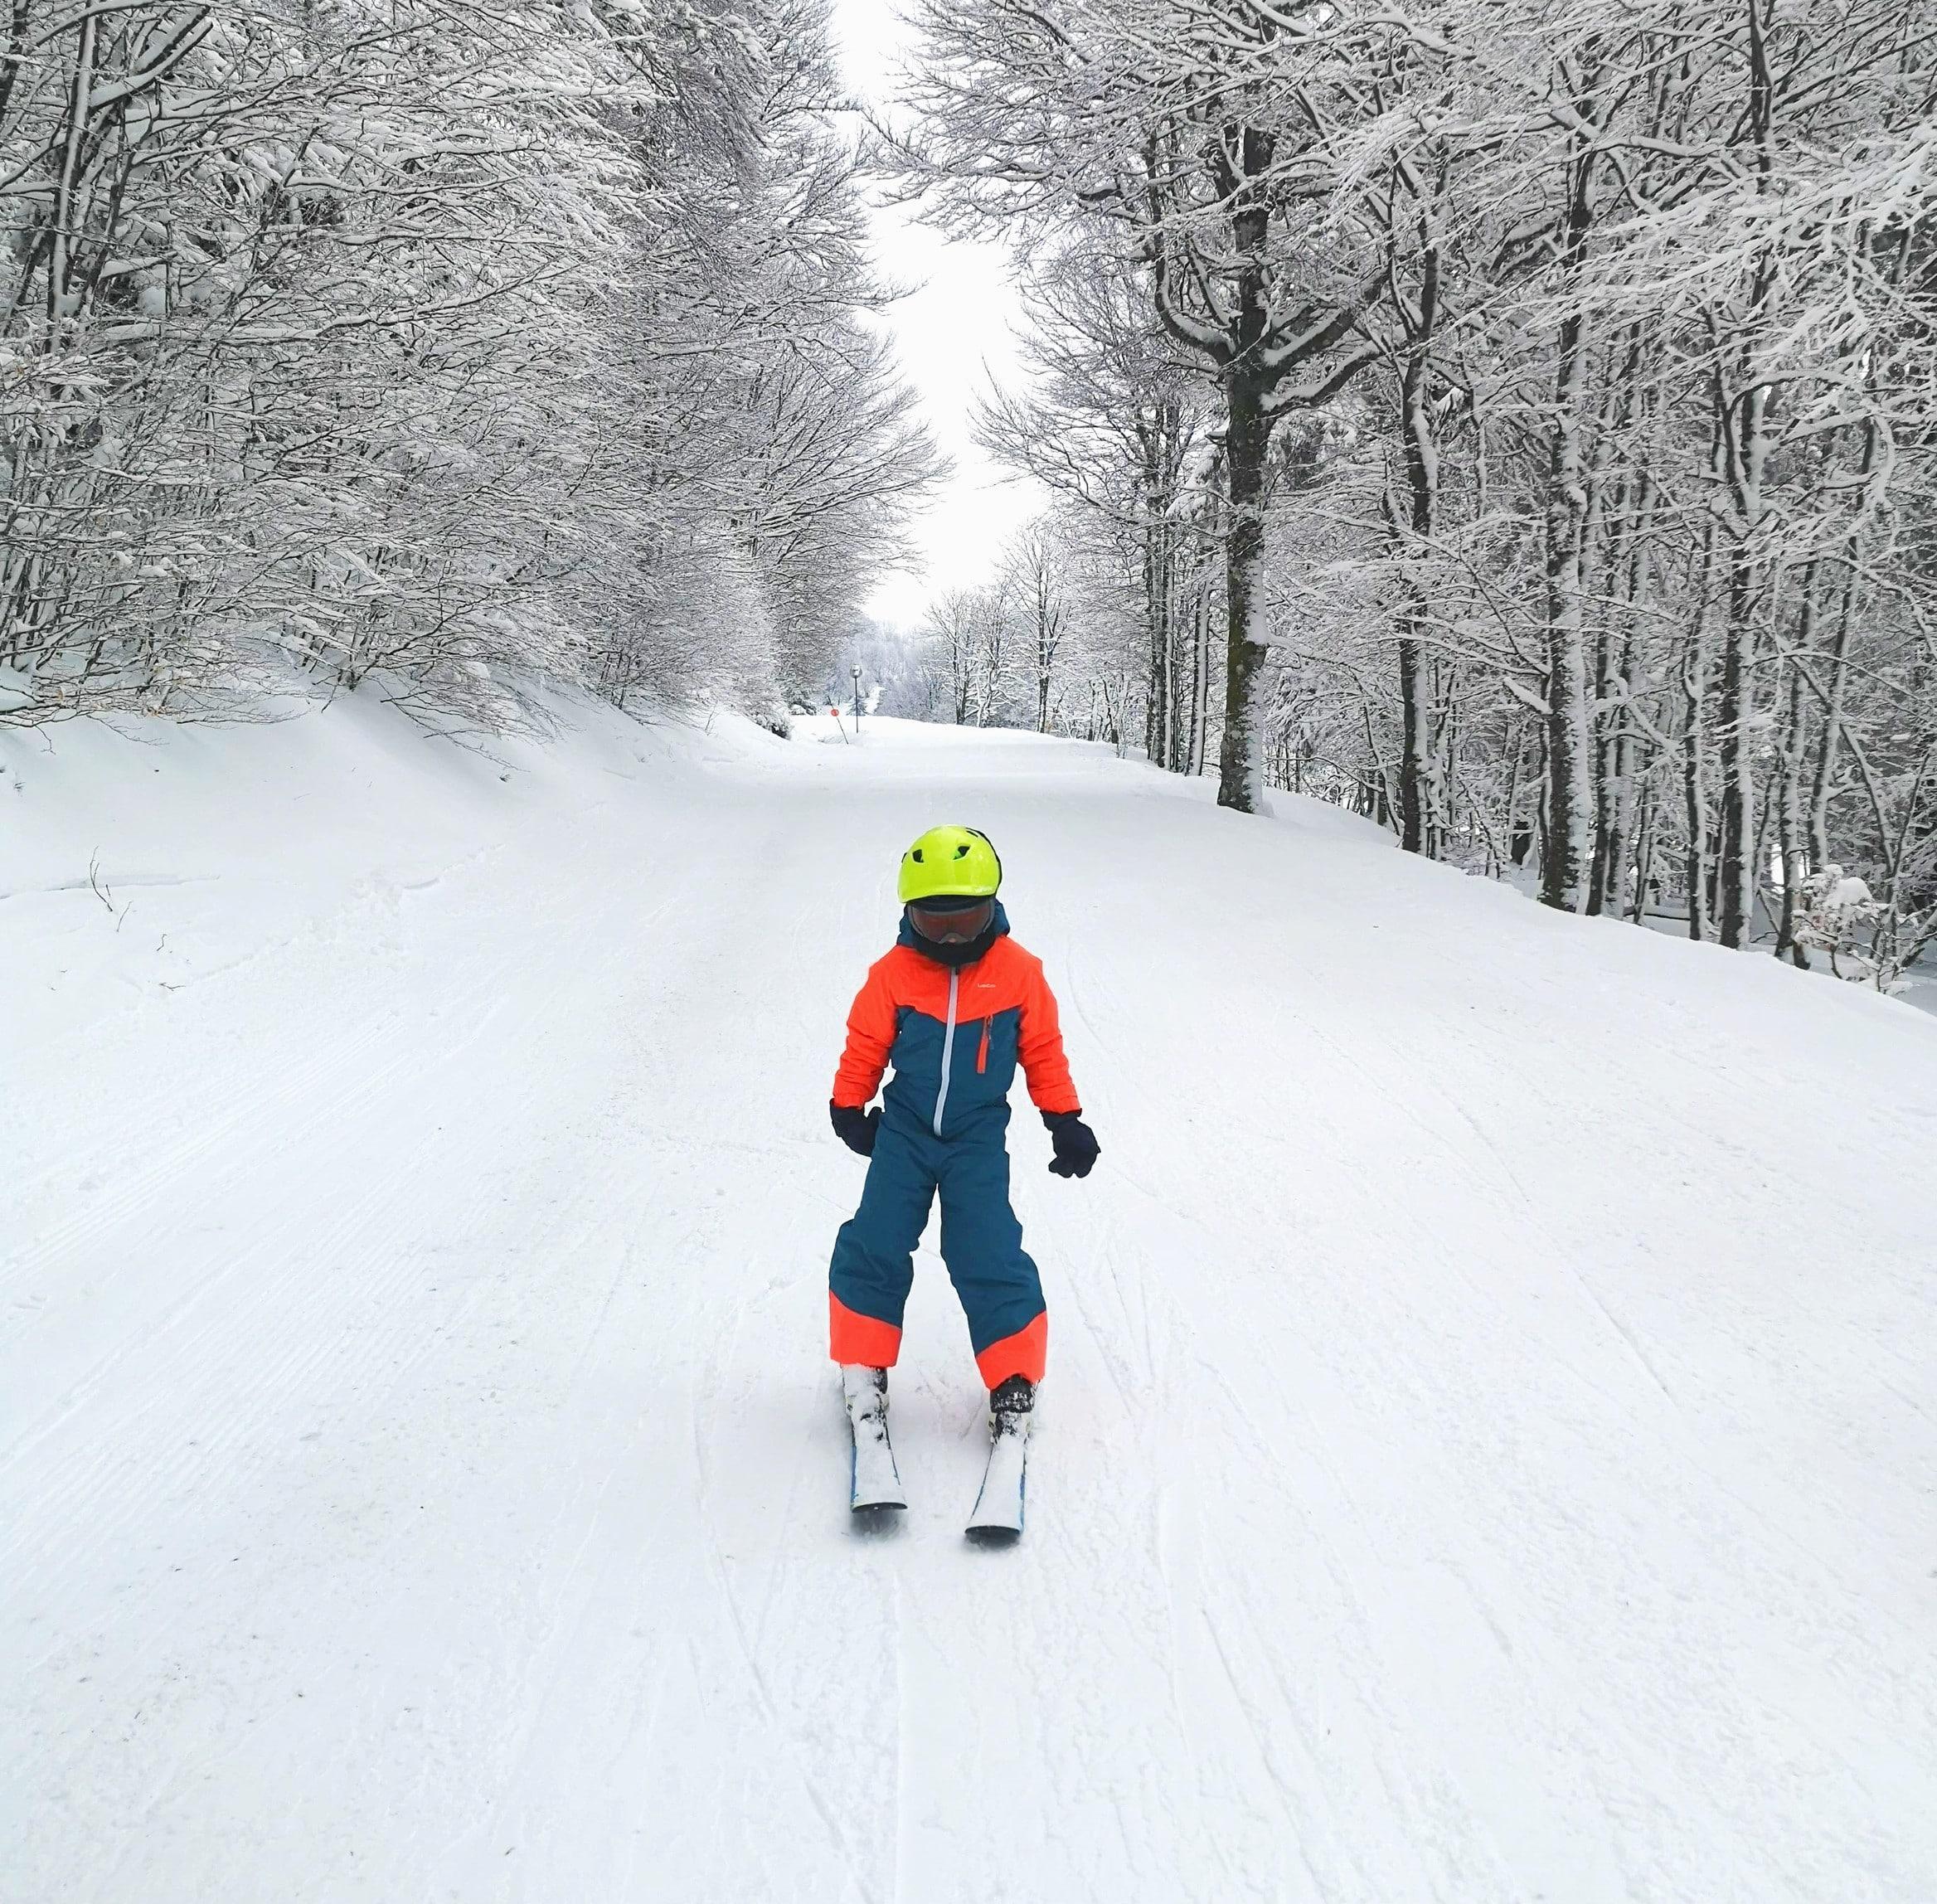 Lezioni private di sci per bambini a partire da 4 anni principianti assoluti